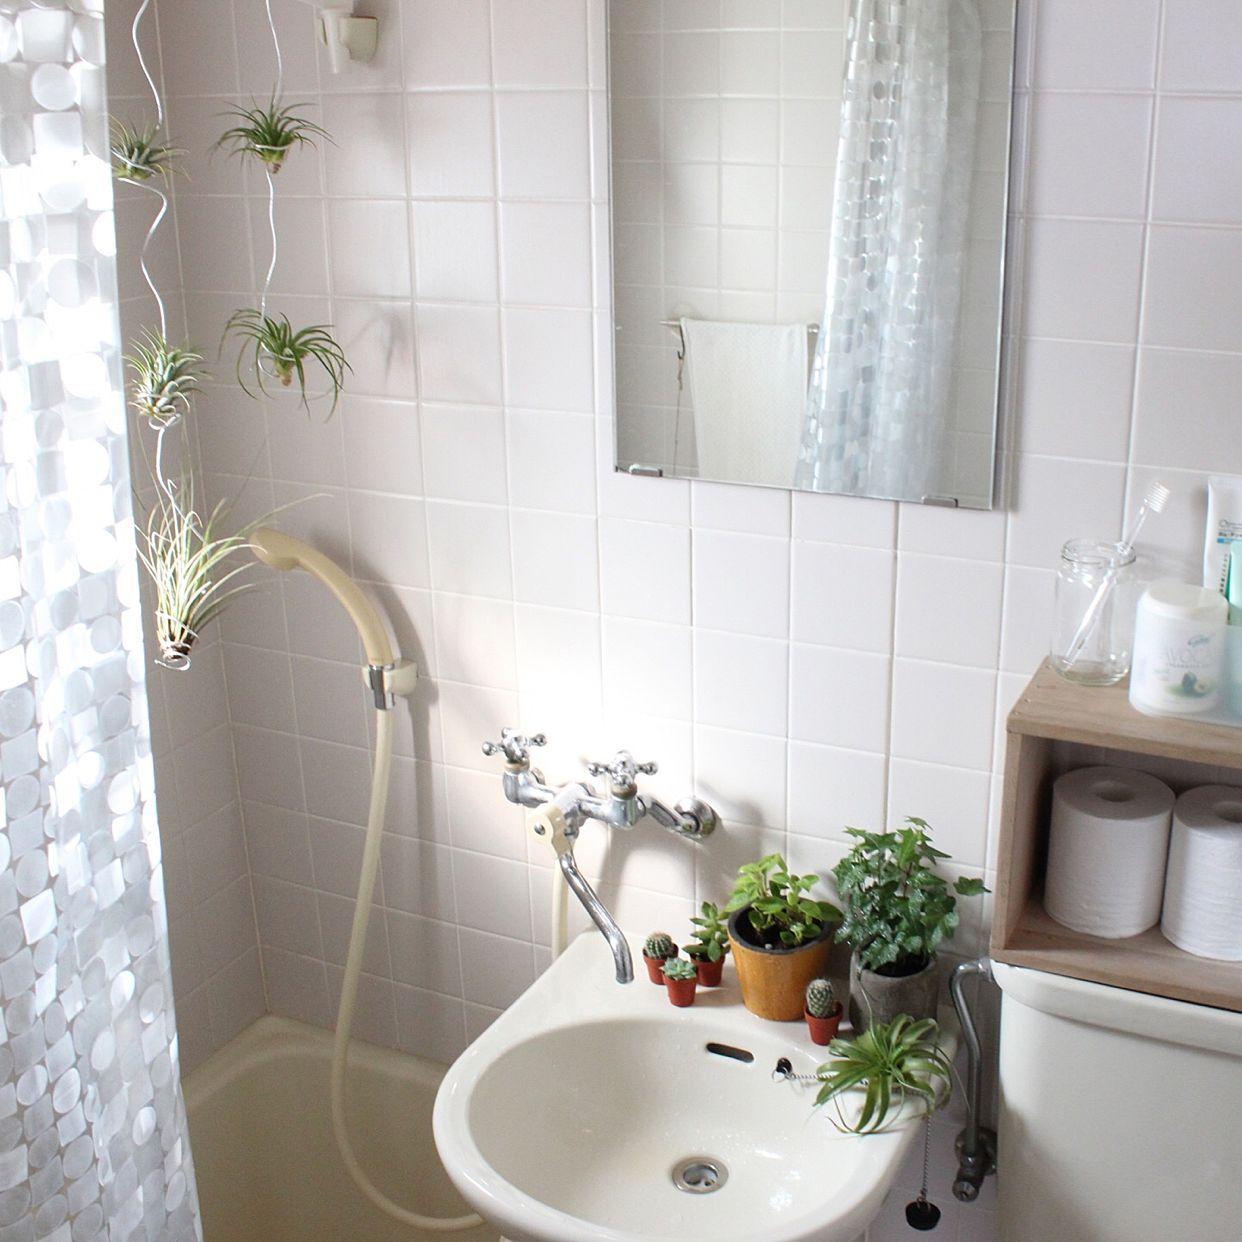 バス トイレ ユニットバス 一人暮らし 植物のインテリア実例 2017 03 05 09 27 40 Roomclip ルームクリップ ユニットバス インテリア ユニットバス ユニットバスルーム